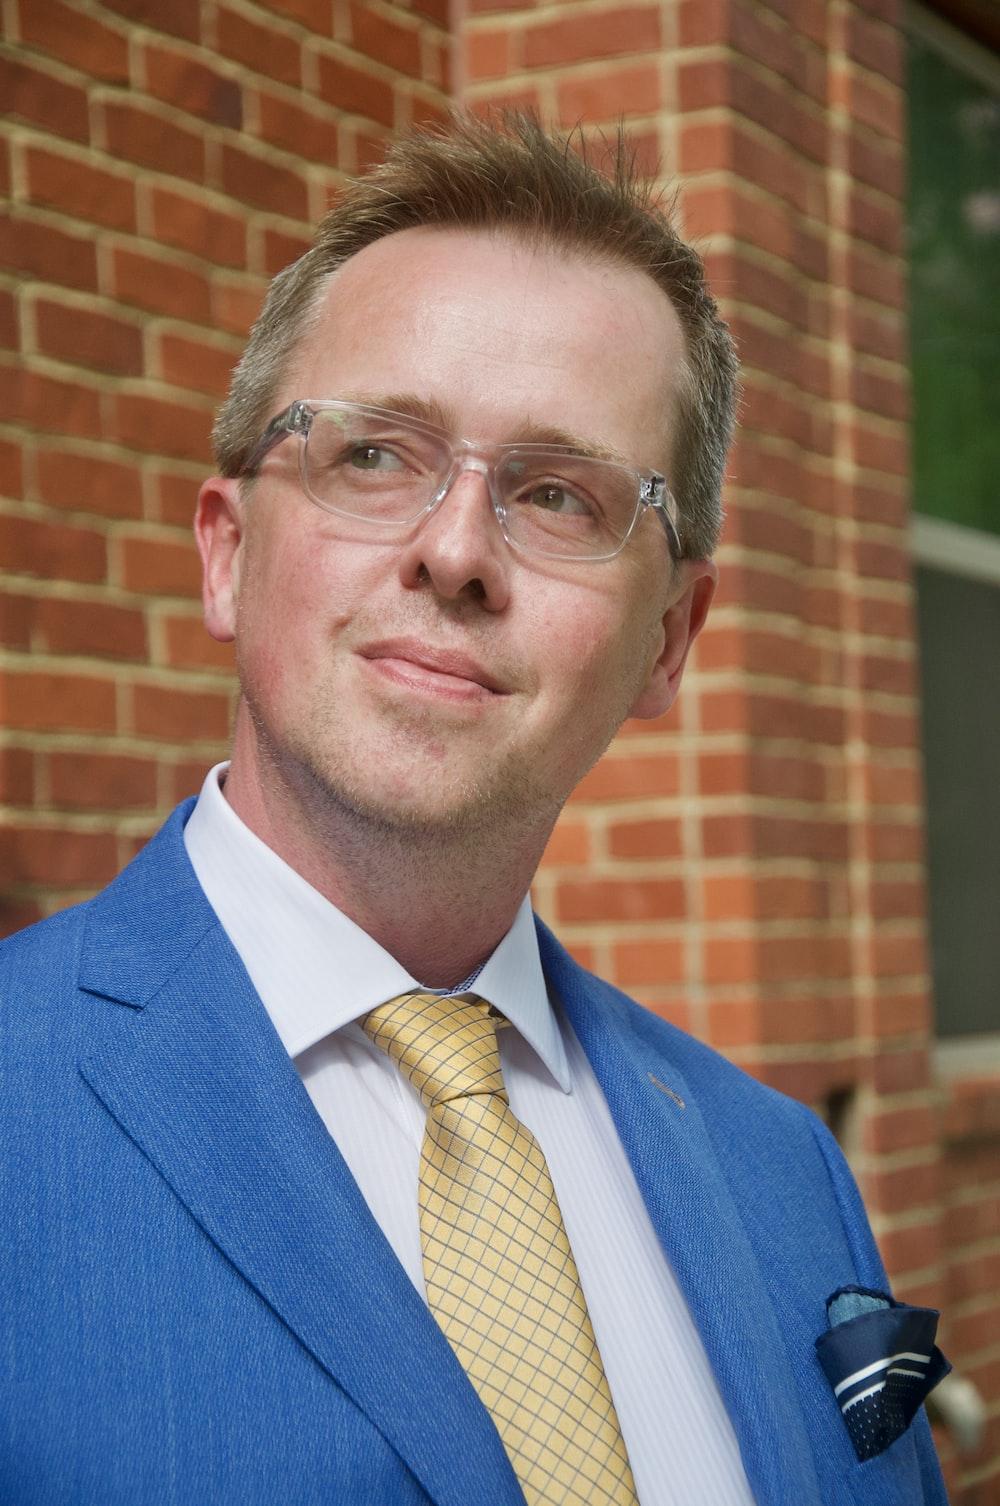 man in blue suit jacket wearing eyeglasses